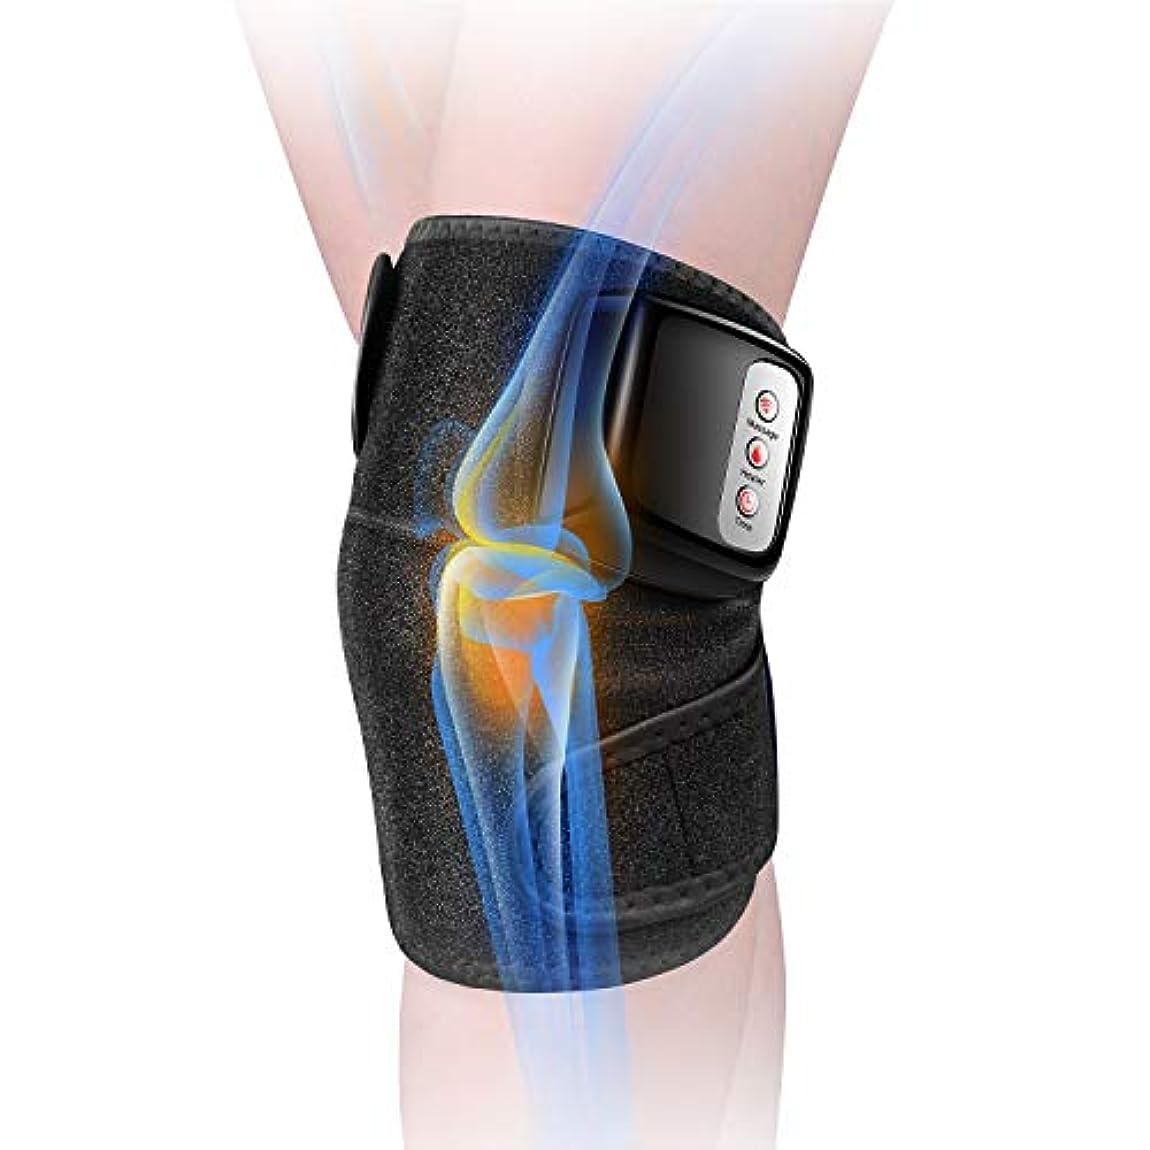 害抑圧階段膝マッサージャー 関節マッサージャー マッサージ器 フットマッサージャー 振動 赤外線療法 温熱療法 膝サポーター ストレス解消 肩 太もも/腕対応